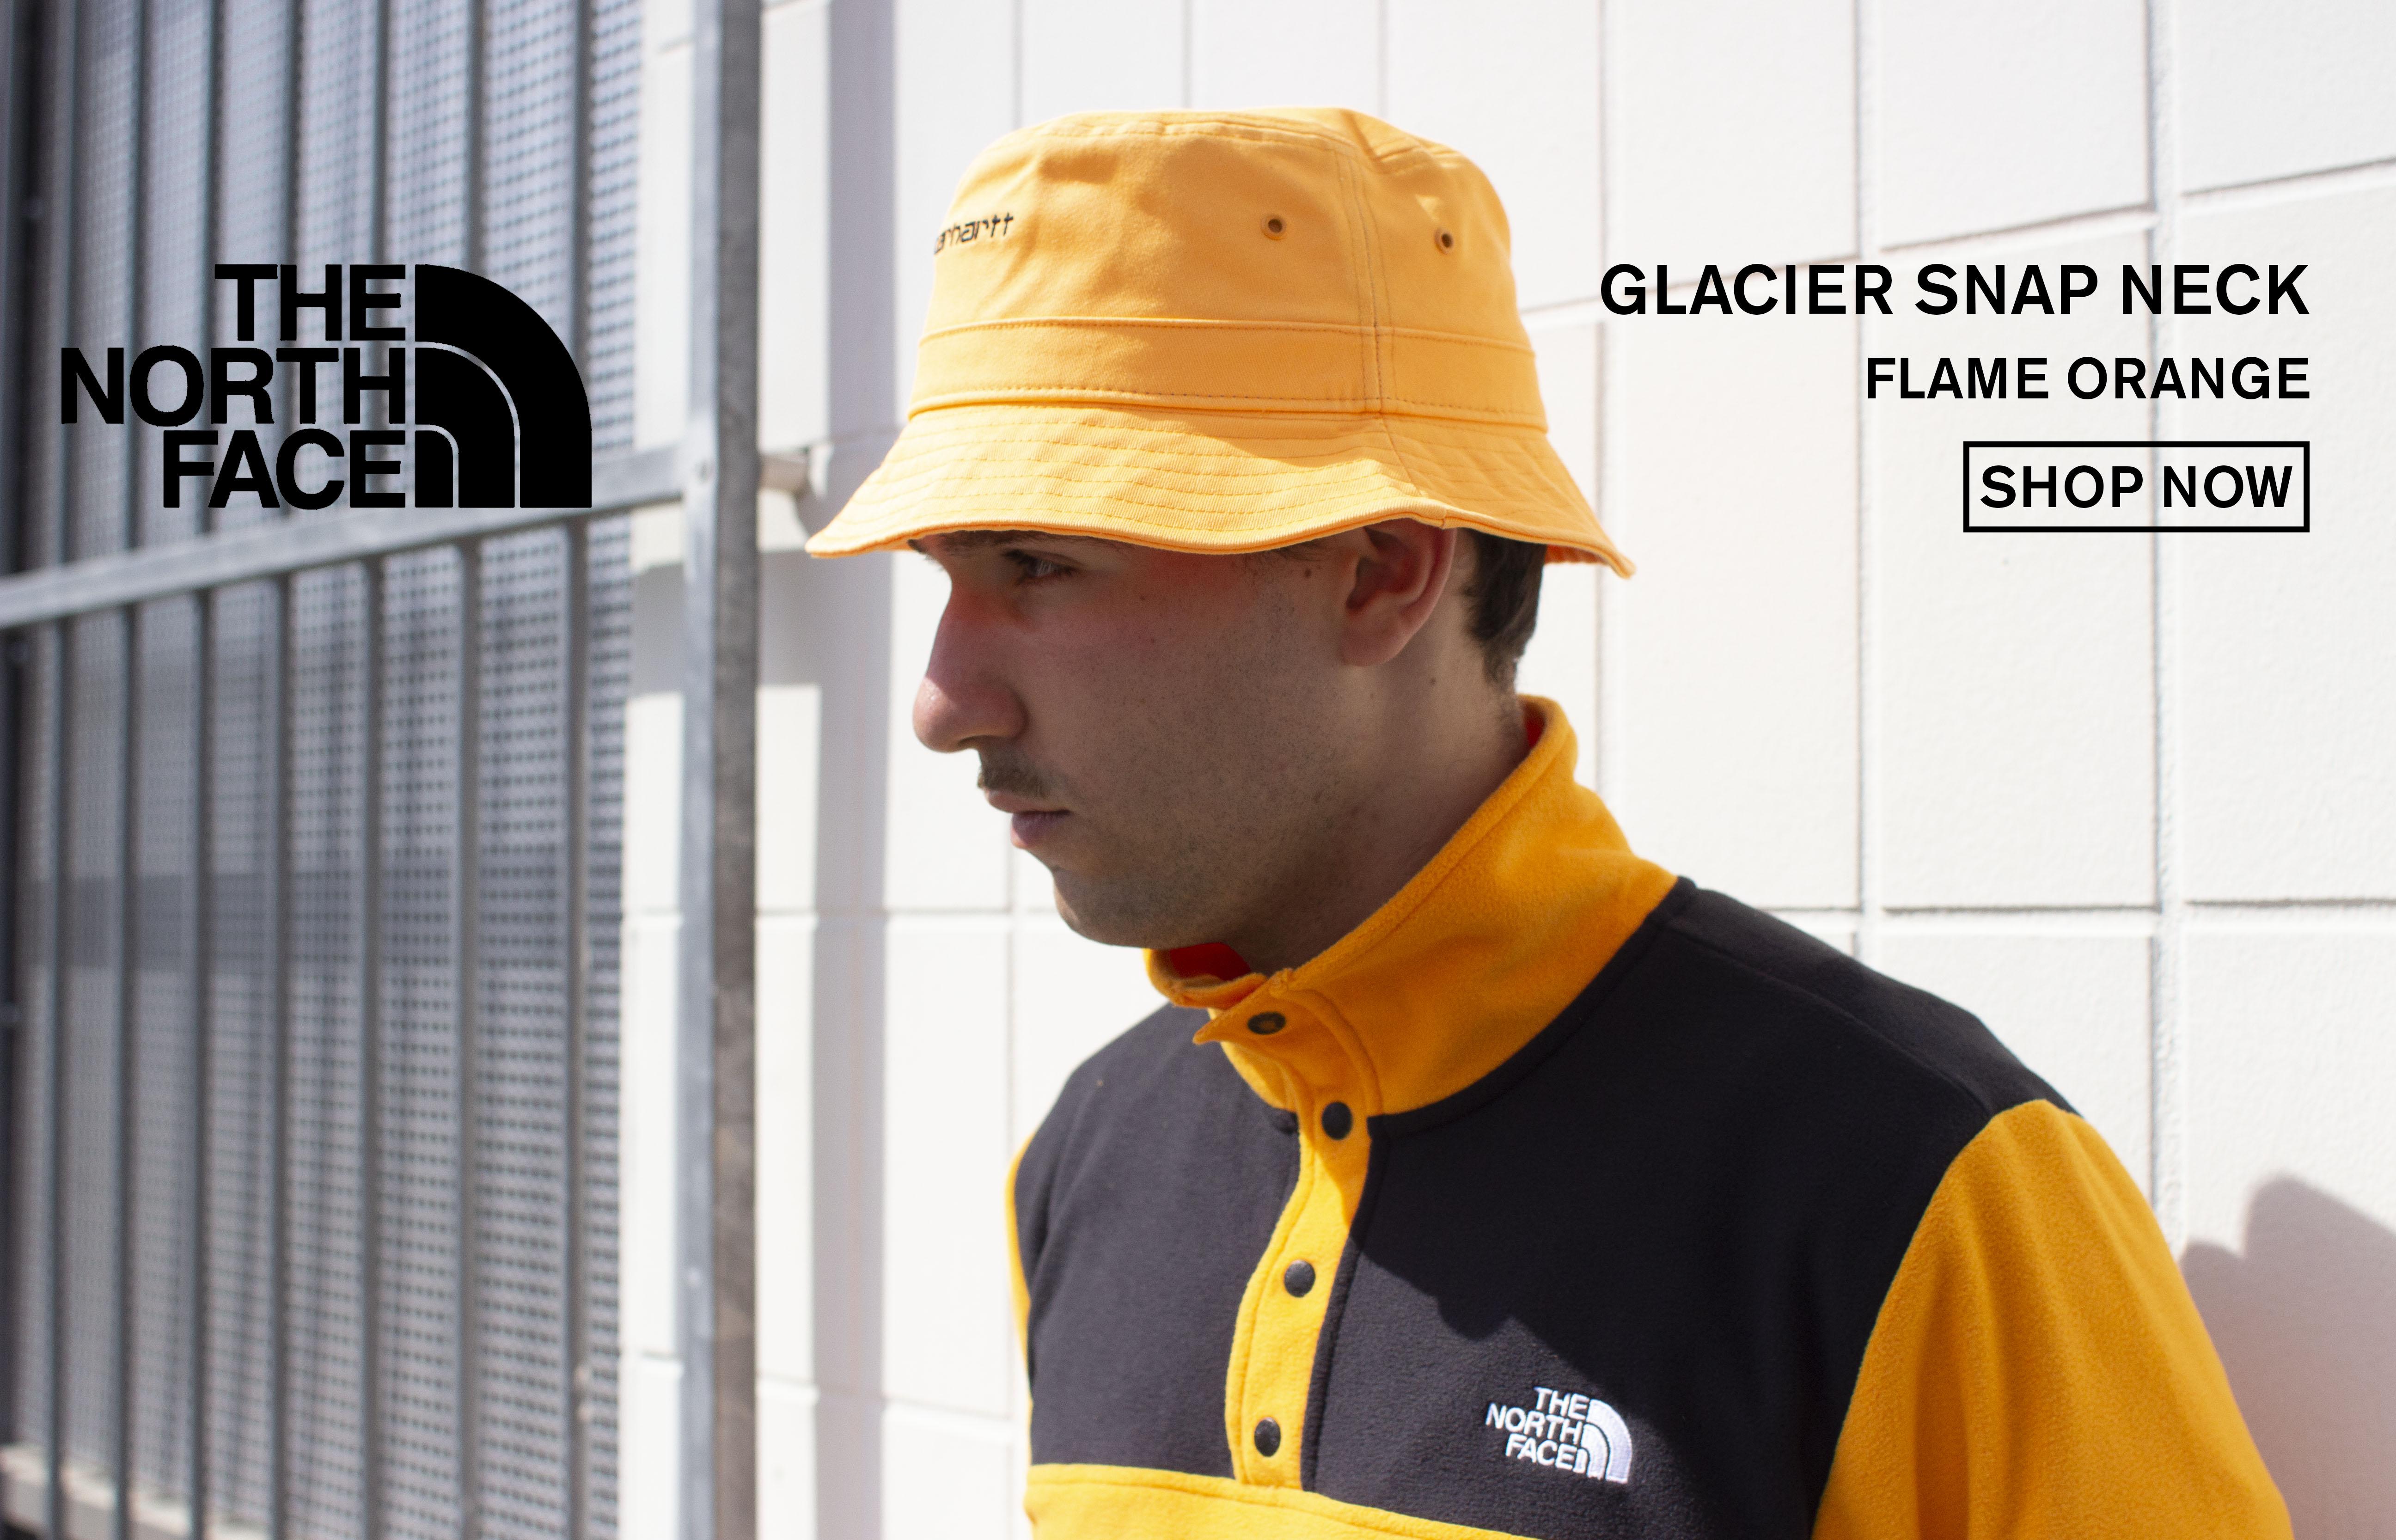 GlacierSnapNeck